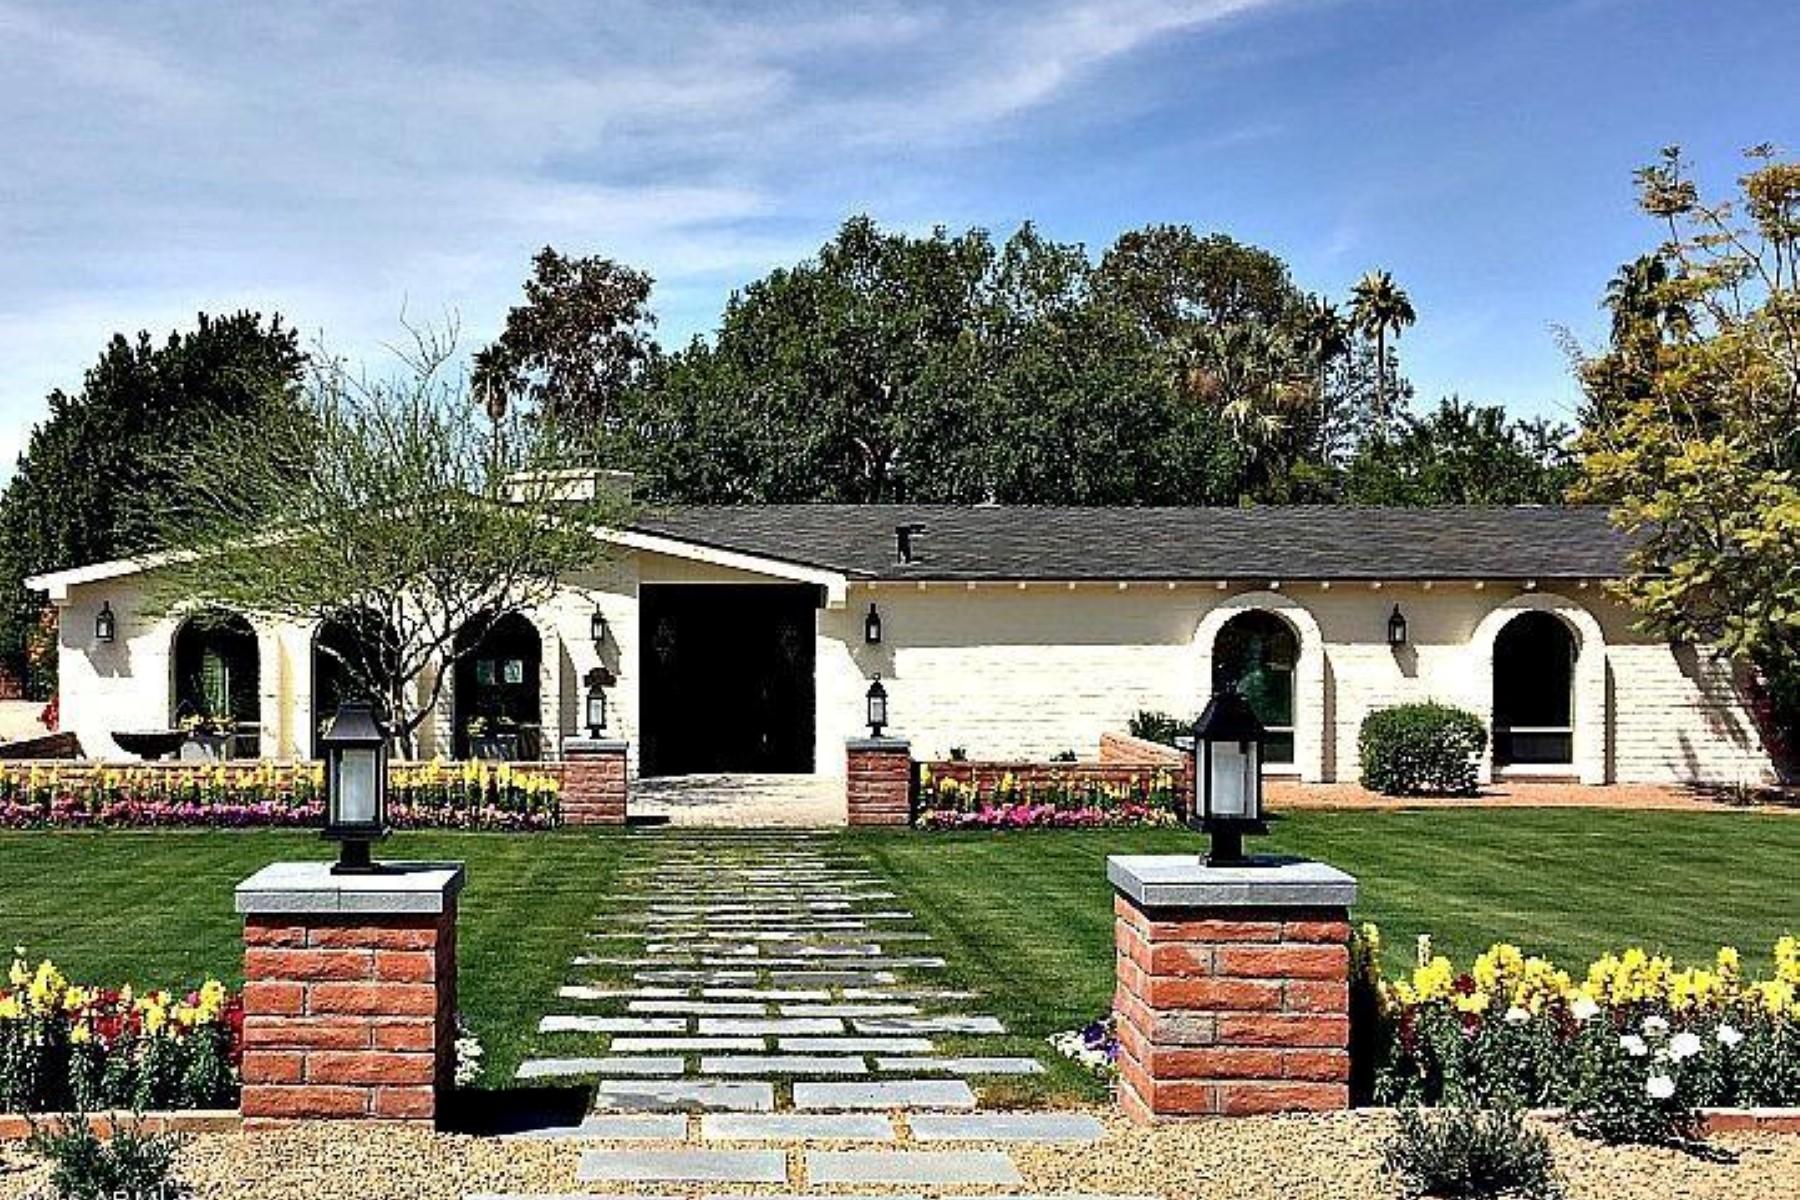 Moradia para Venda às Newly renovated contemporary cottage style home 5028 N Camelhead Rd Phoenix, Arizona, 85018 Estados Unidos